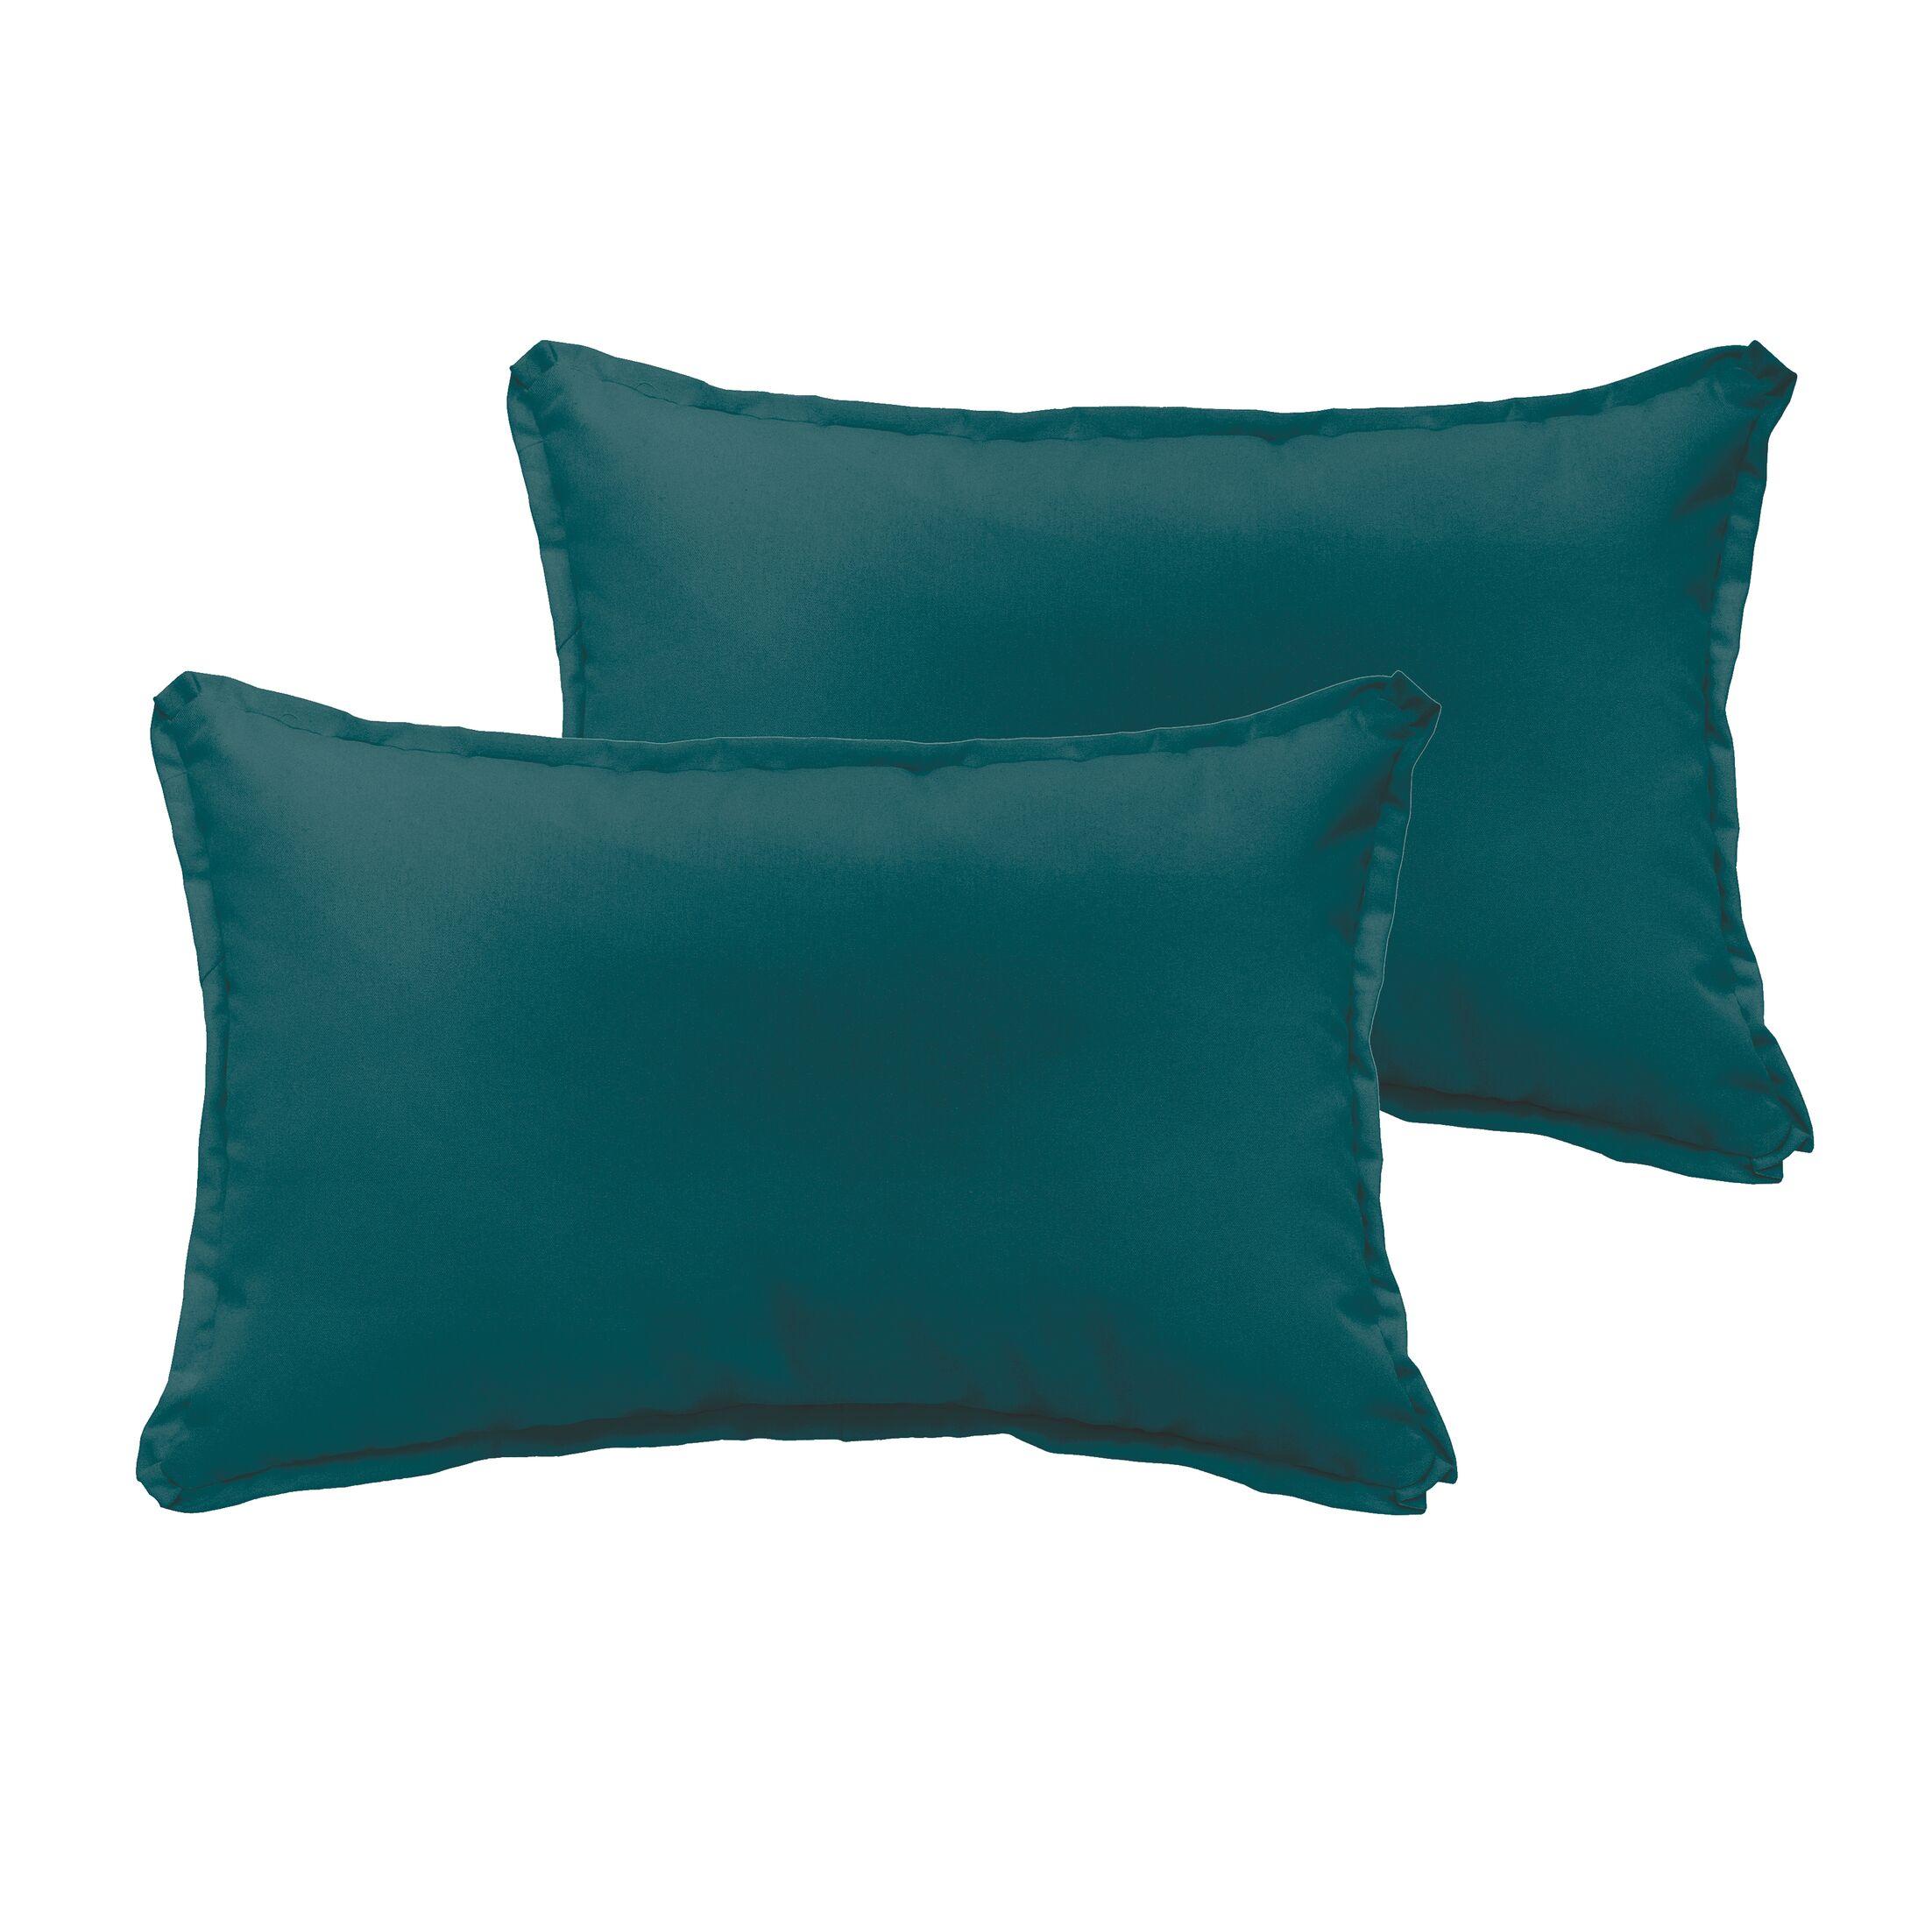 Branan Indoor/Outdoor Pillow Set Color: Teal, Size: 12